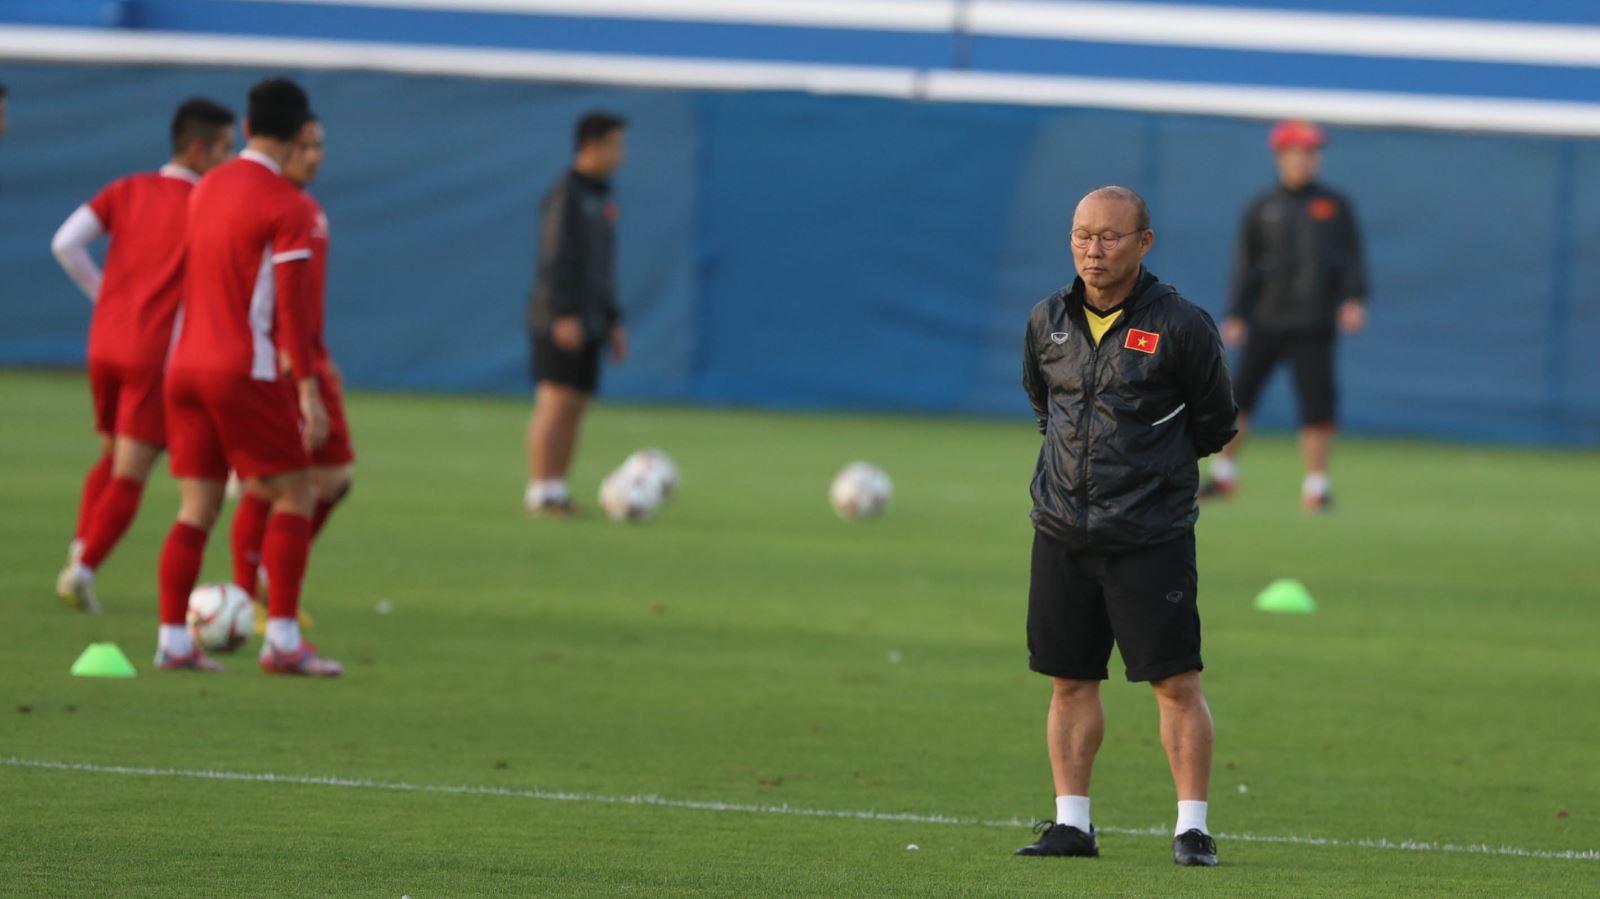 AFC yêu cầu Indonesia phải đền bù tuyển Việt Nam vì đá ở Bali